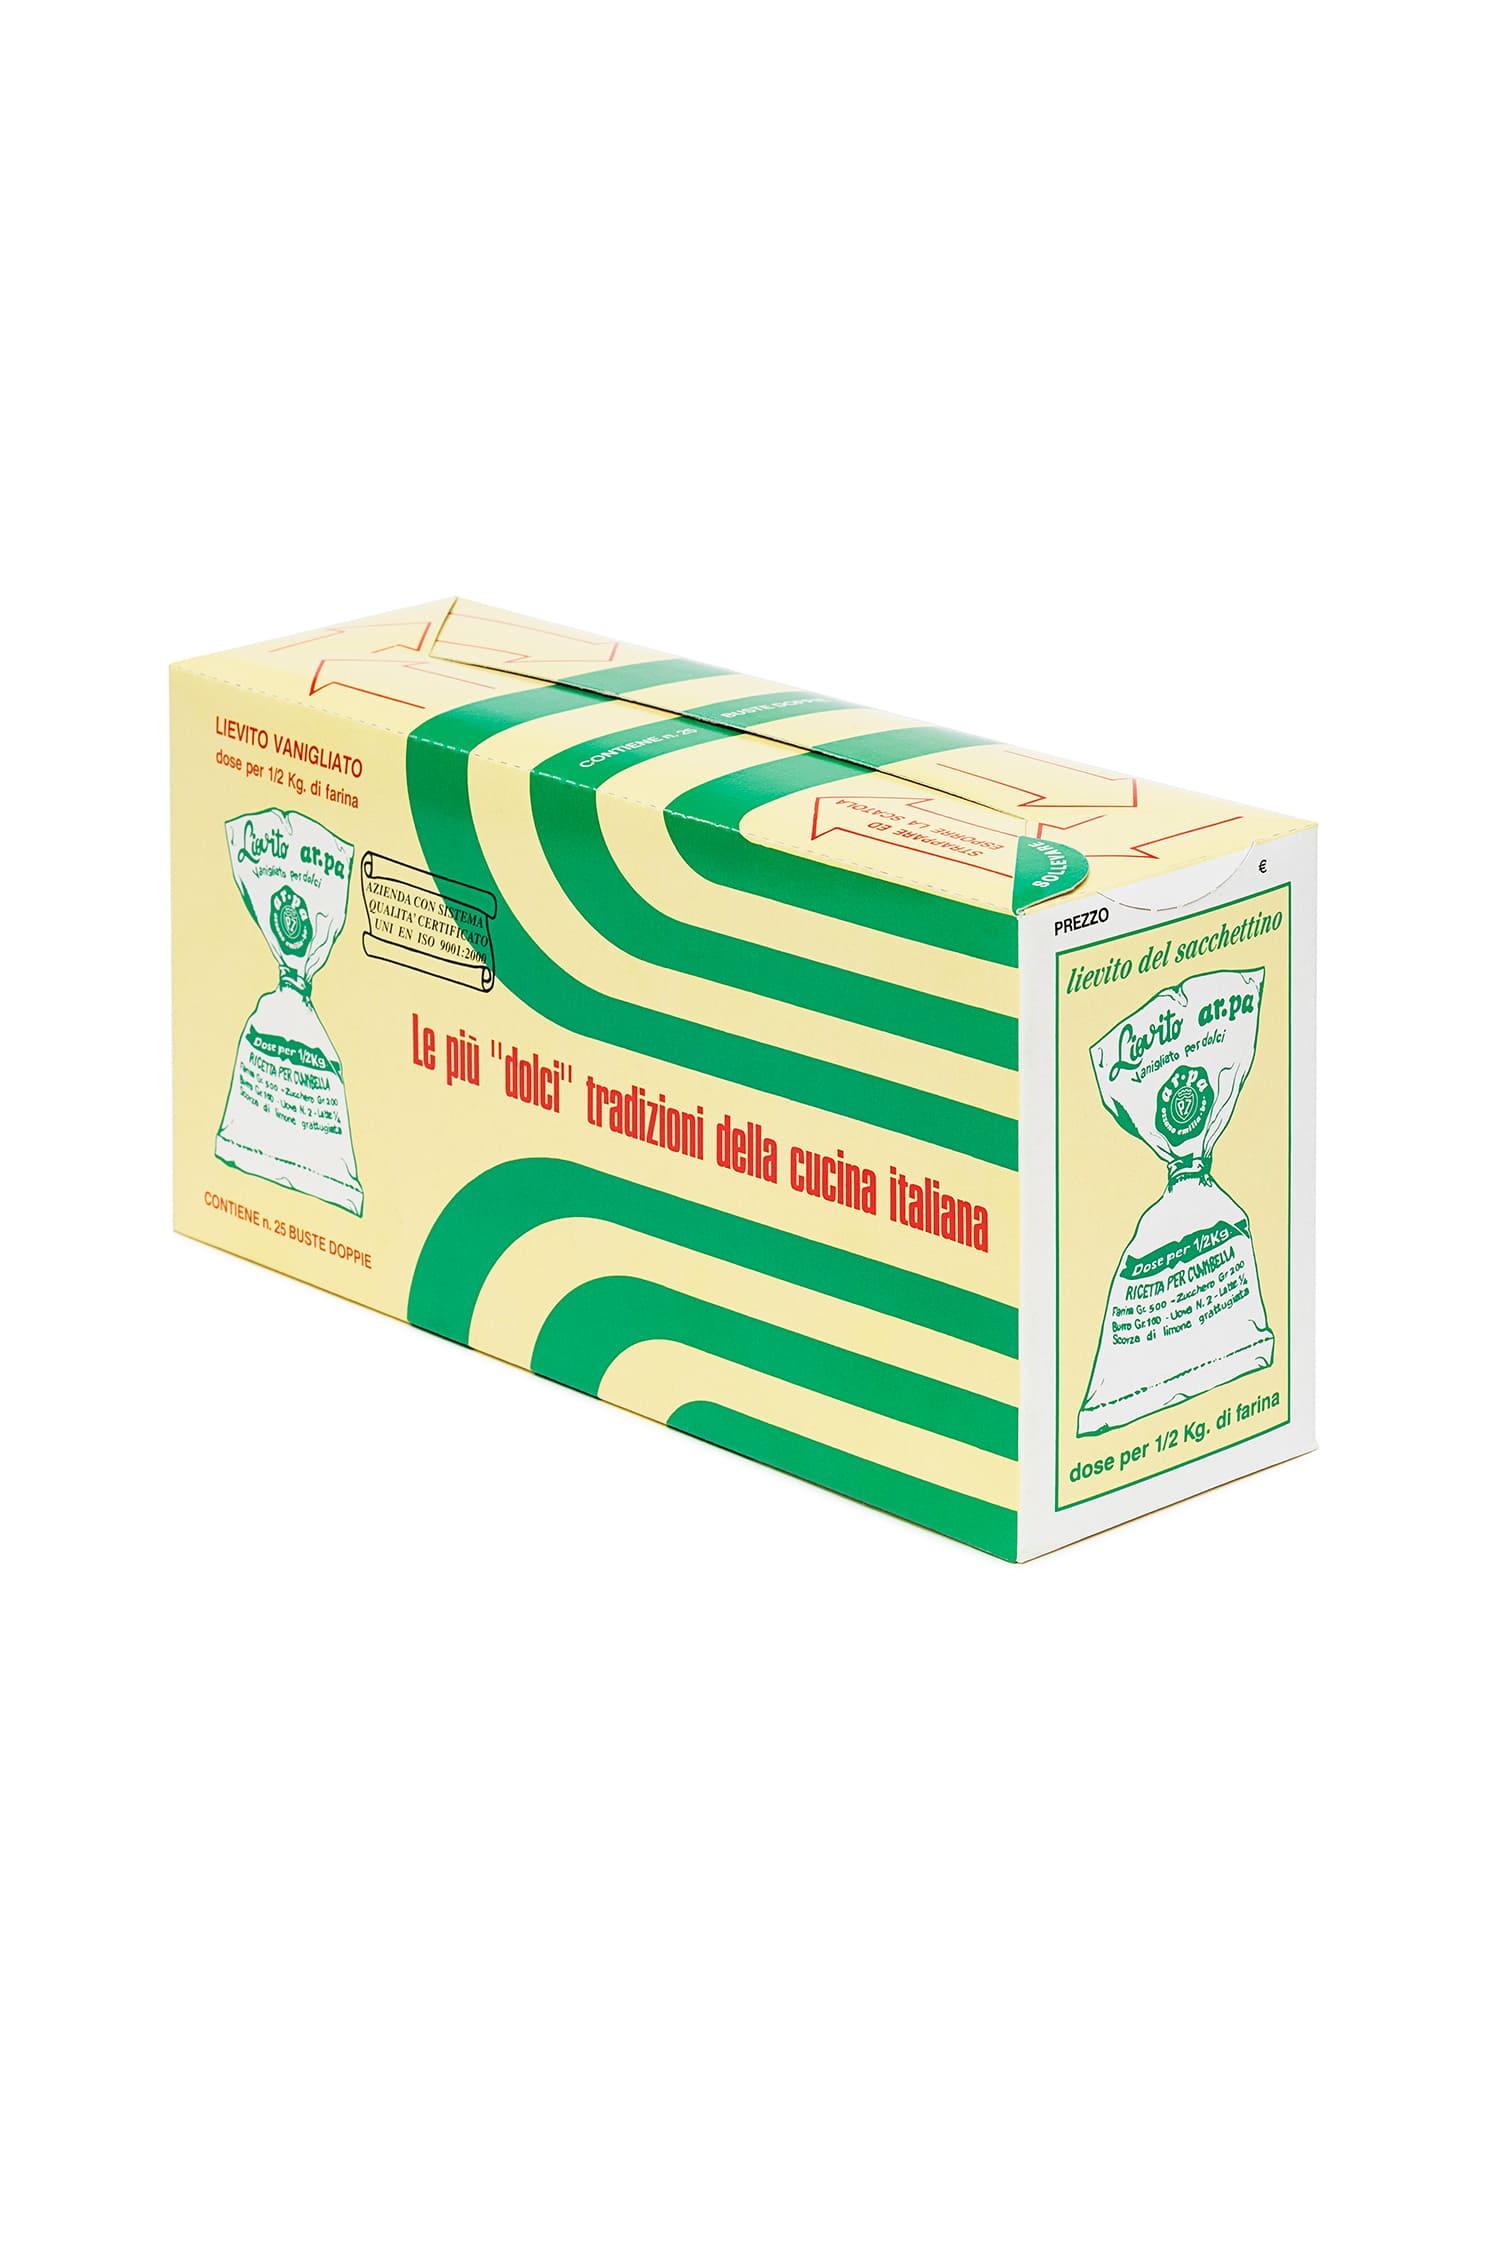 Packaging del prodotto Lievito vanigiato del sacchettino